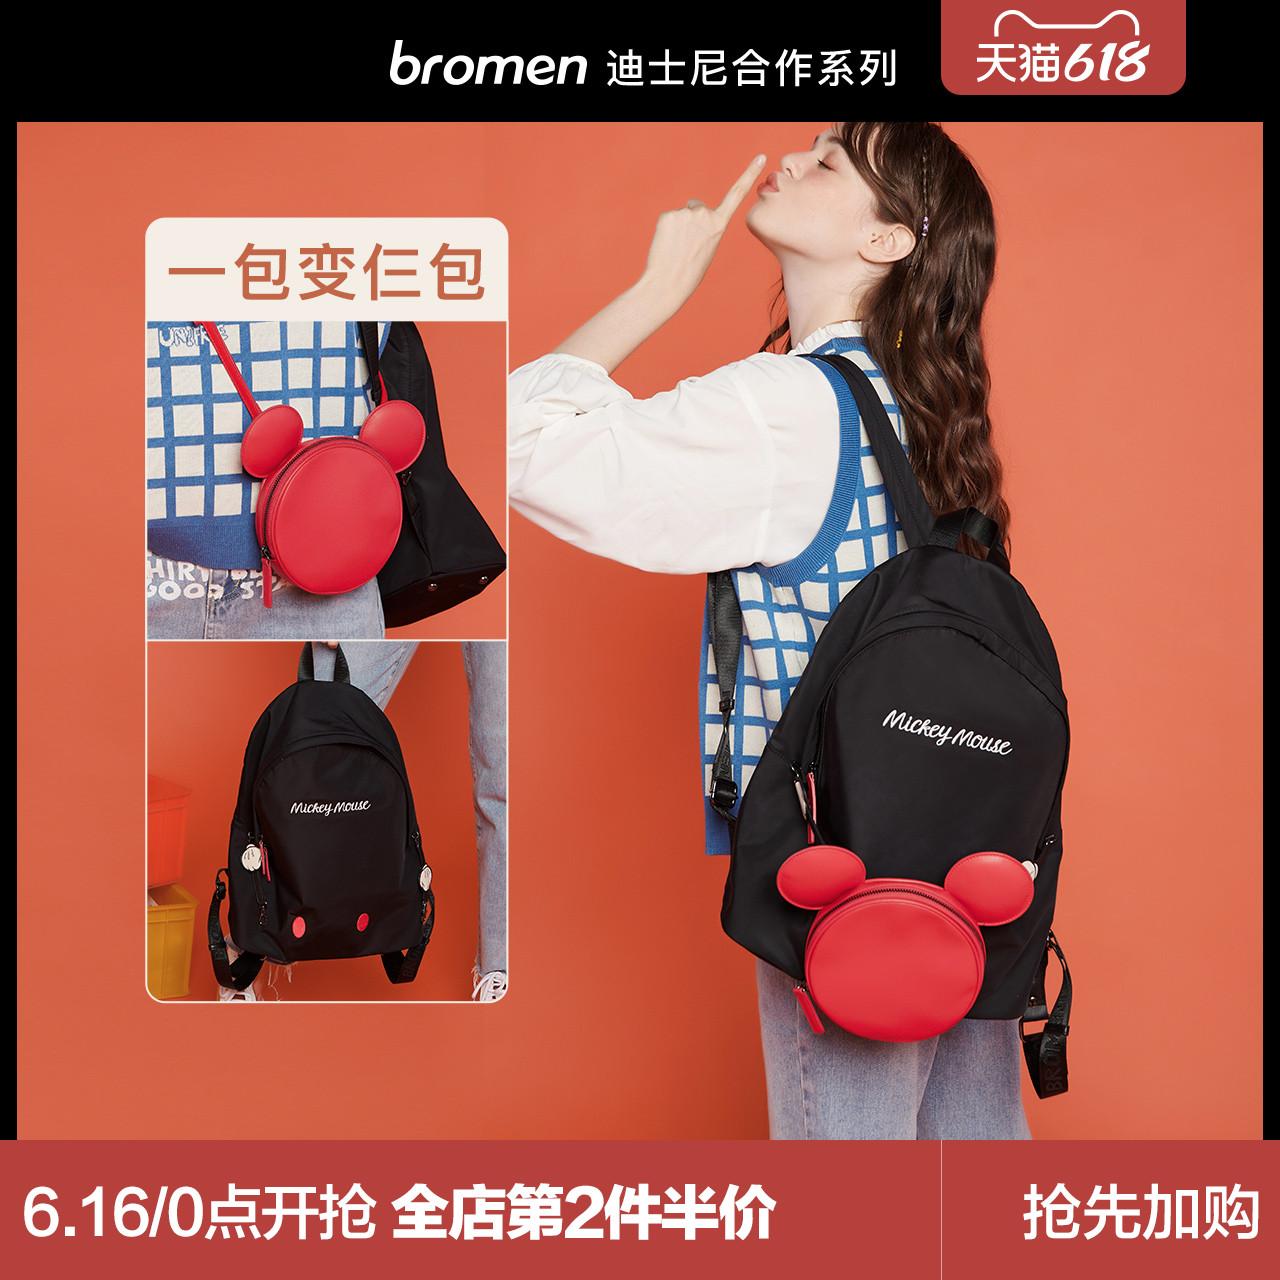 不莱玫迪士尼米奇双肩包2021新款时尚背包卡通包包大学生书包女